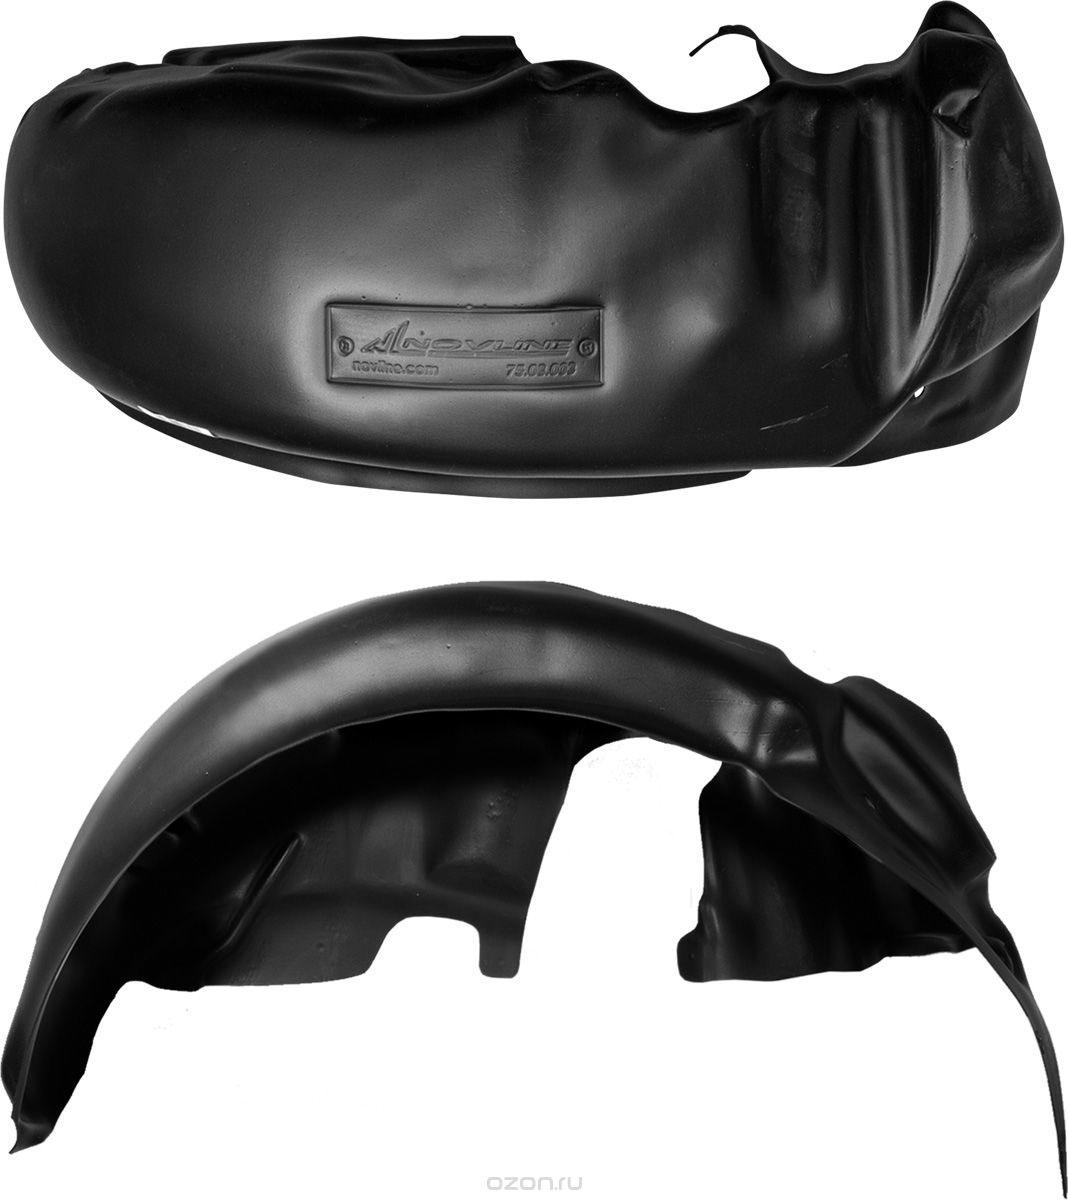 Подкрылок Novline-Autofamily, для NISSAN Tiida, 03/2015->, хэтчбек, передний левыйVCA-00Идеальная защита колесной ниши. Локеры разработаны с применением цифровых технологий, гарантируют максимальную повторяемость поверхности арки. Изделия устанавливаются без нарушения лакокрасочного покрытия автомобиля, каждый подкрылок комплектуется крепежом. Уважаемые клиенты, обращаем ваше внимание, что фотографии на подкрылки универсальные и не отражают реальную форму изделия. При этом само изделие идет точно под размер указанного автомобиля.